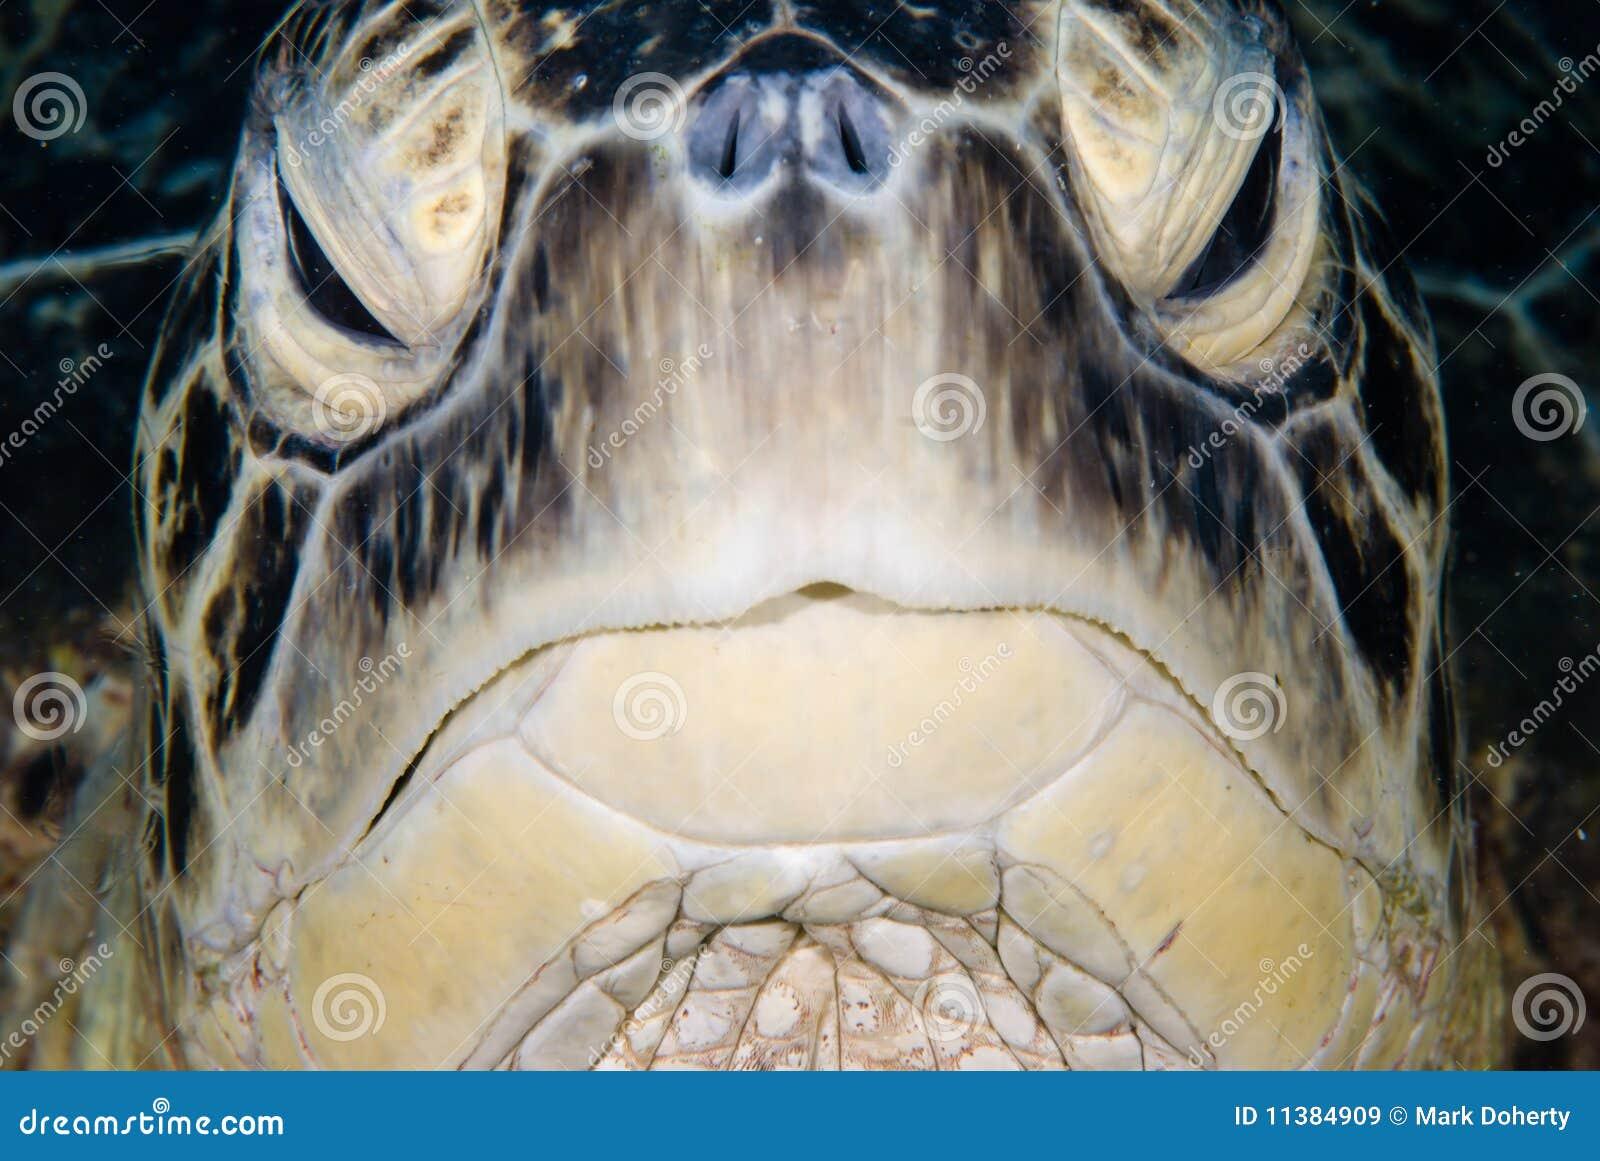 черепаха mydas chelonia зеленая мыжская